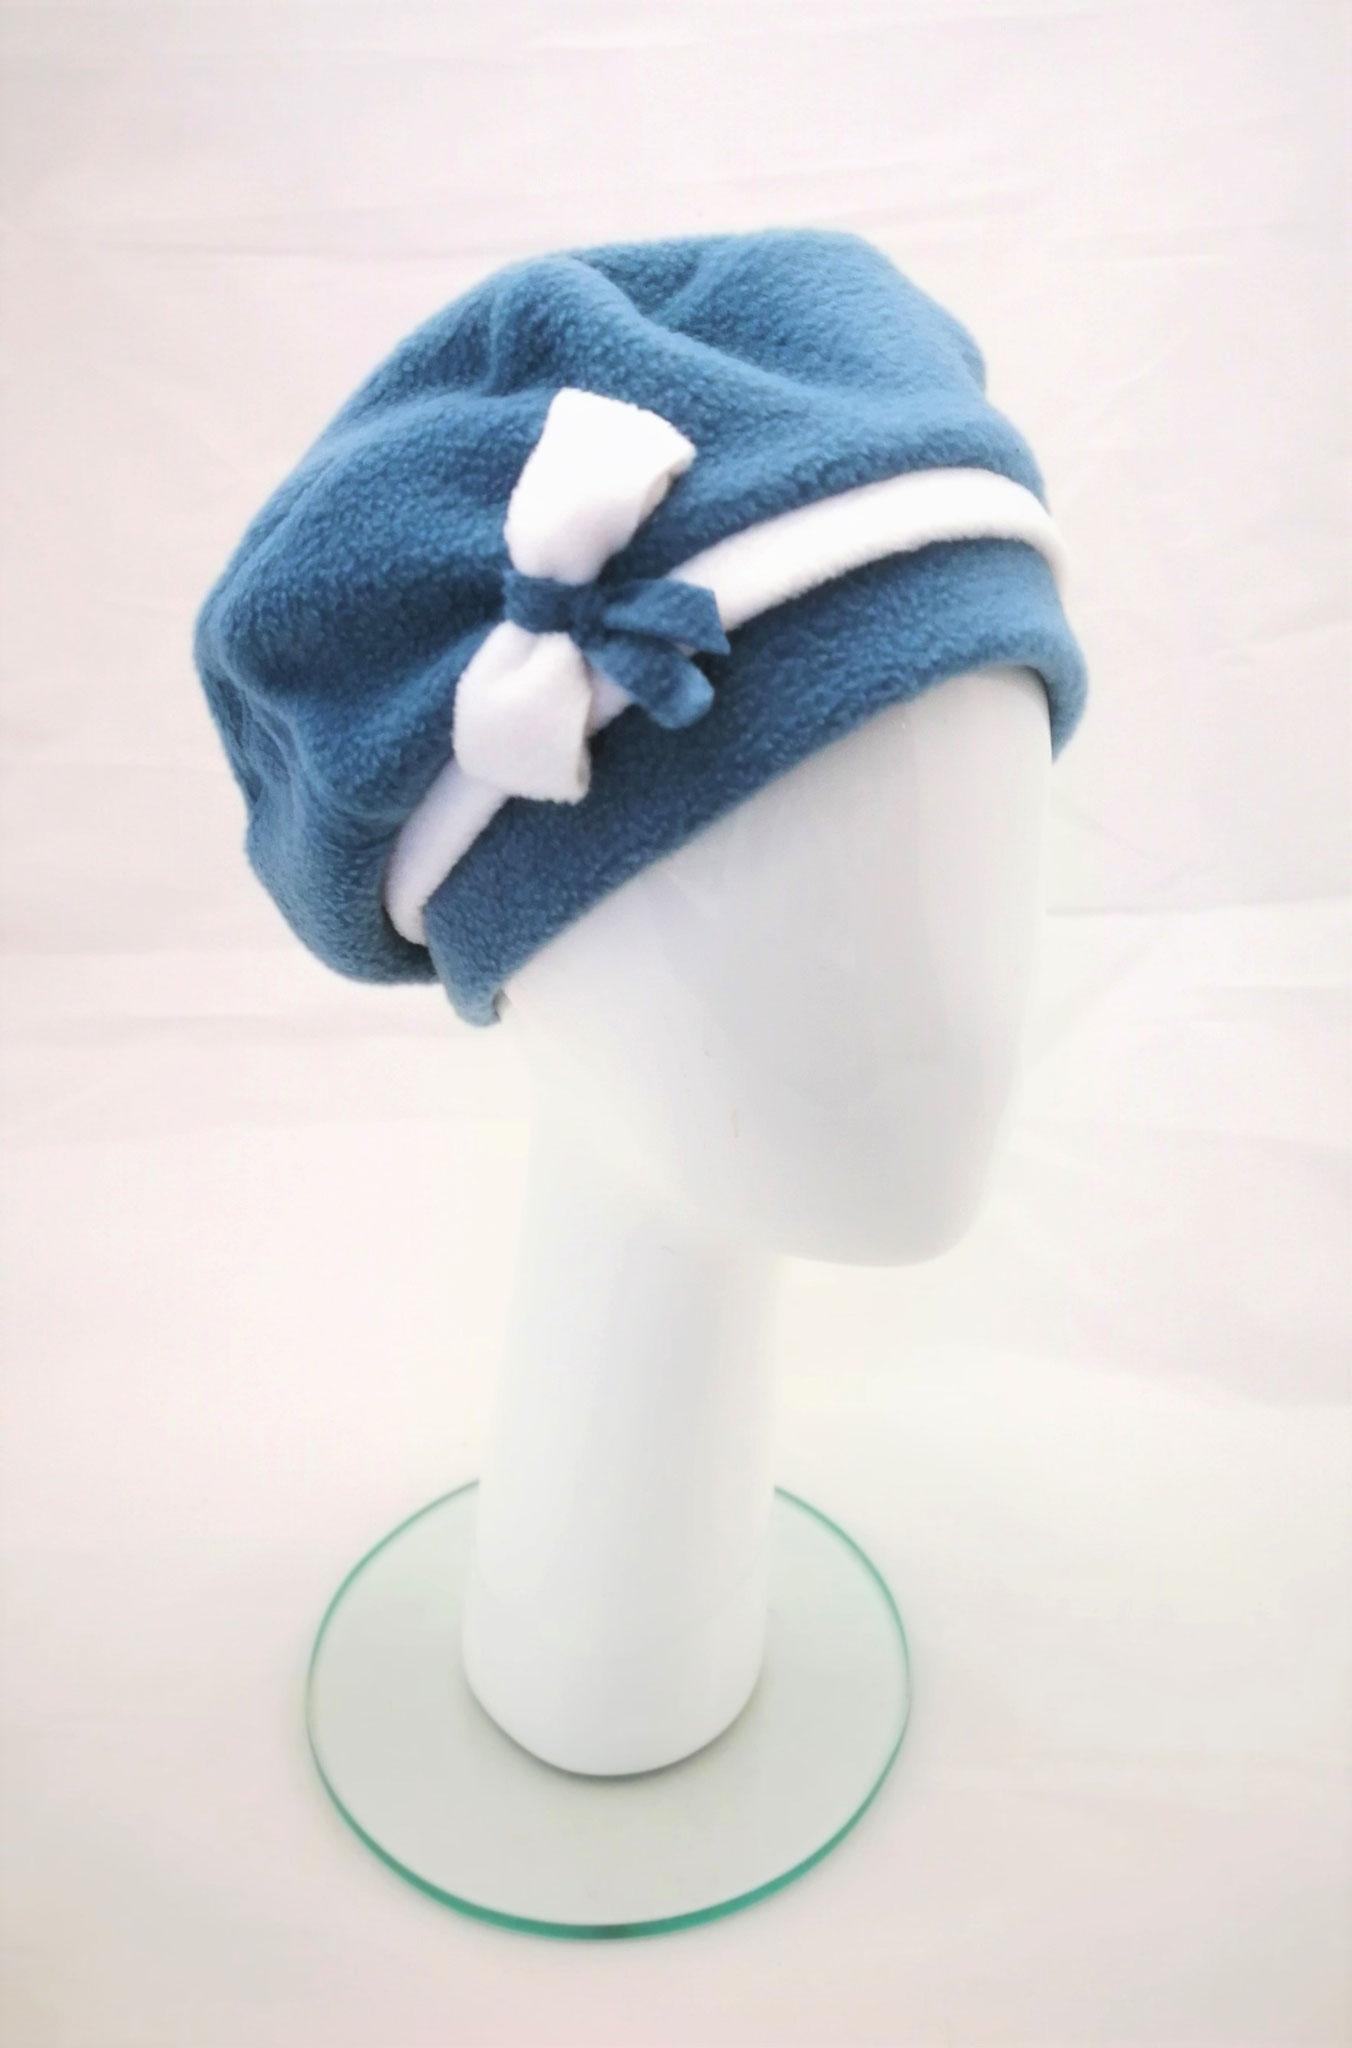 Kuschelige Mütze aus Polarfleece mit Innenfutter aus Viskose.  Manufakturarbeit :-) 49,90 € - bestellbar in vielen Farben...fragen Sie einfach nach